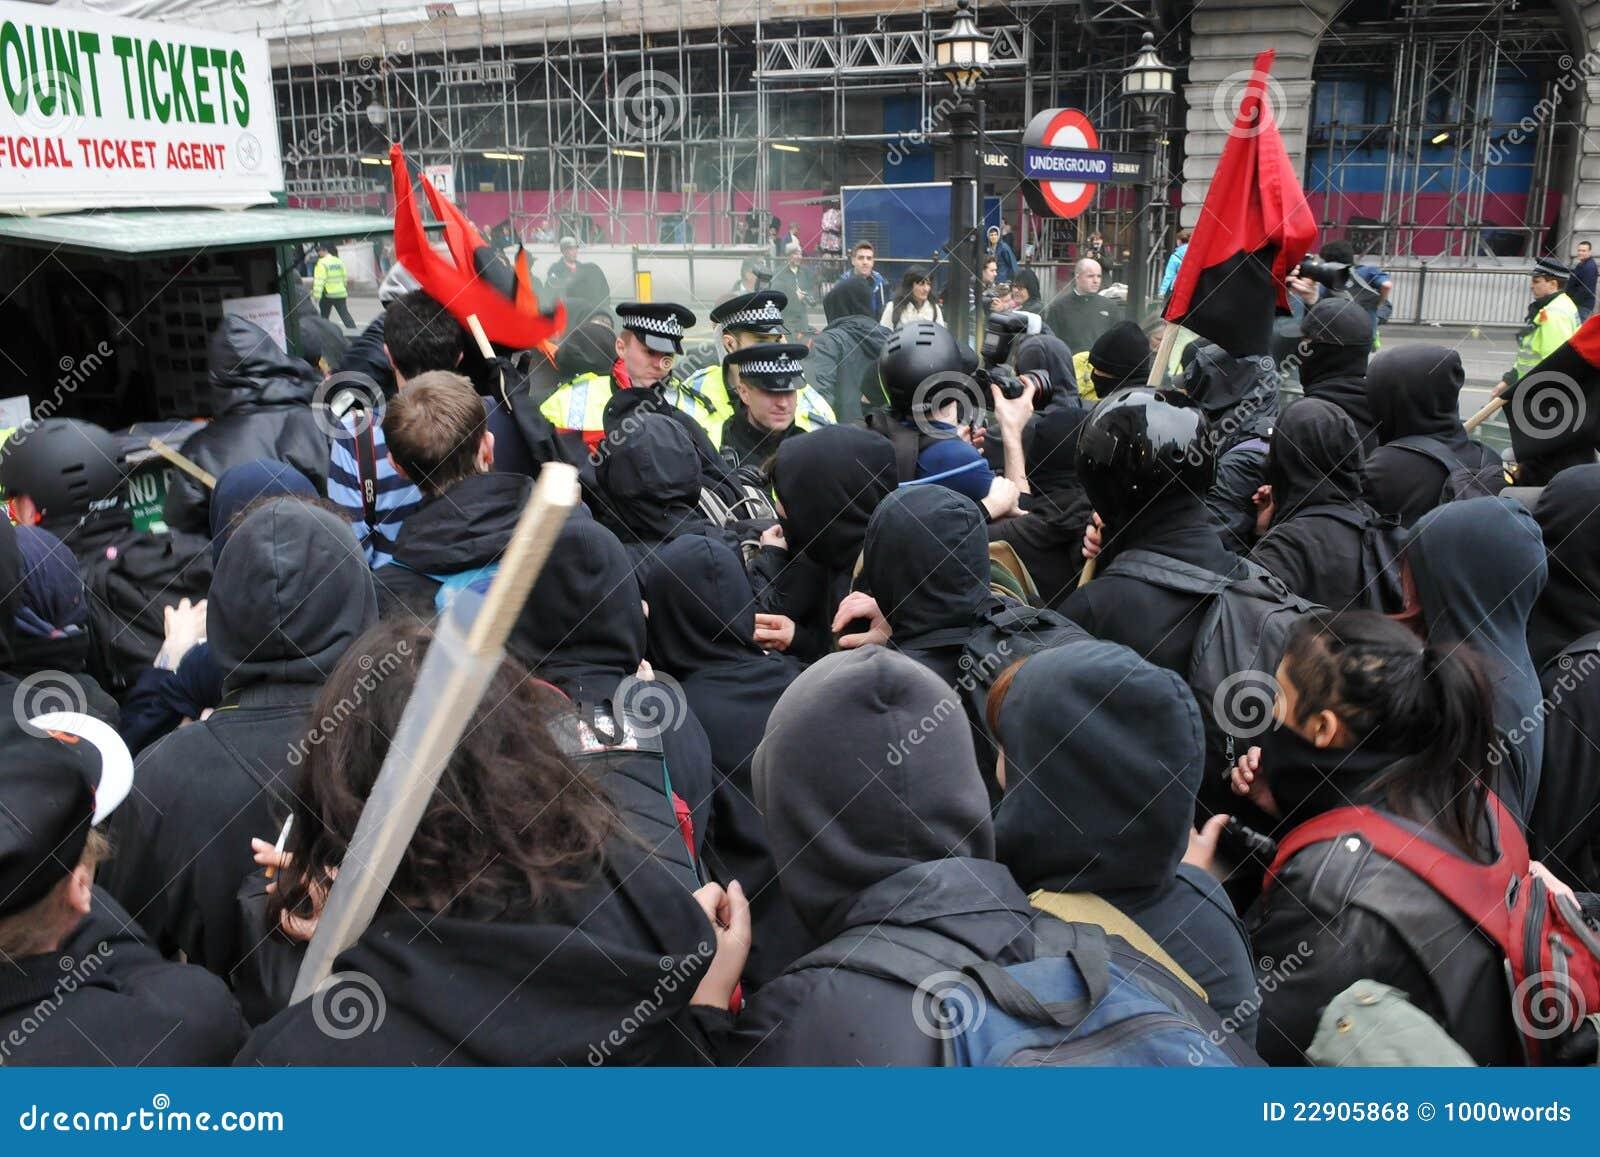 严肃面对警察抗议者集会